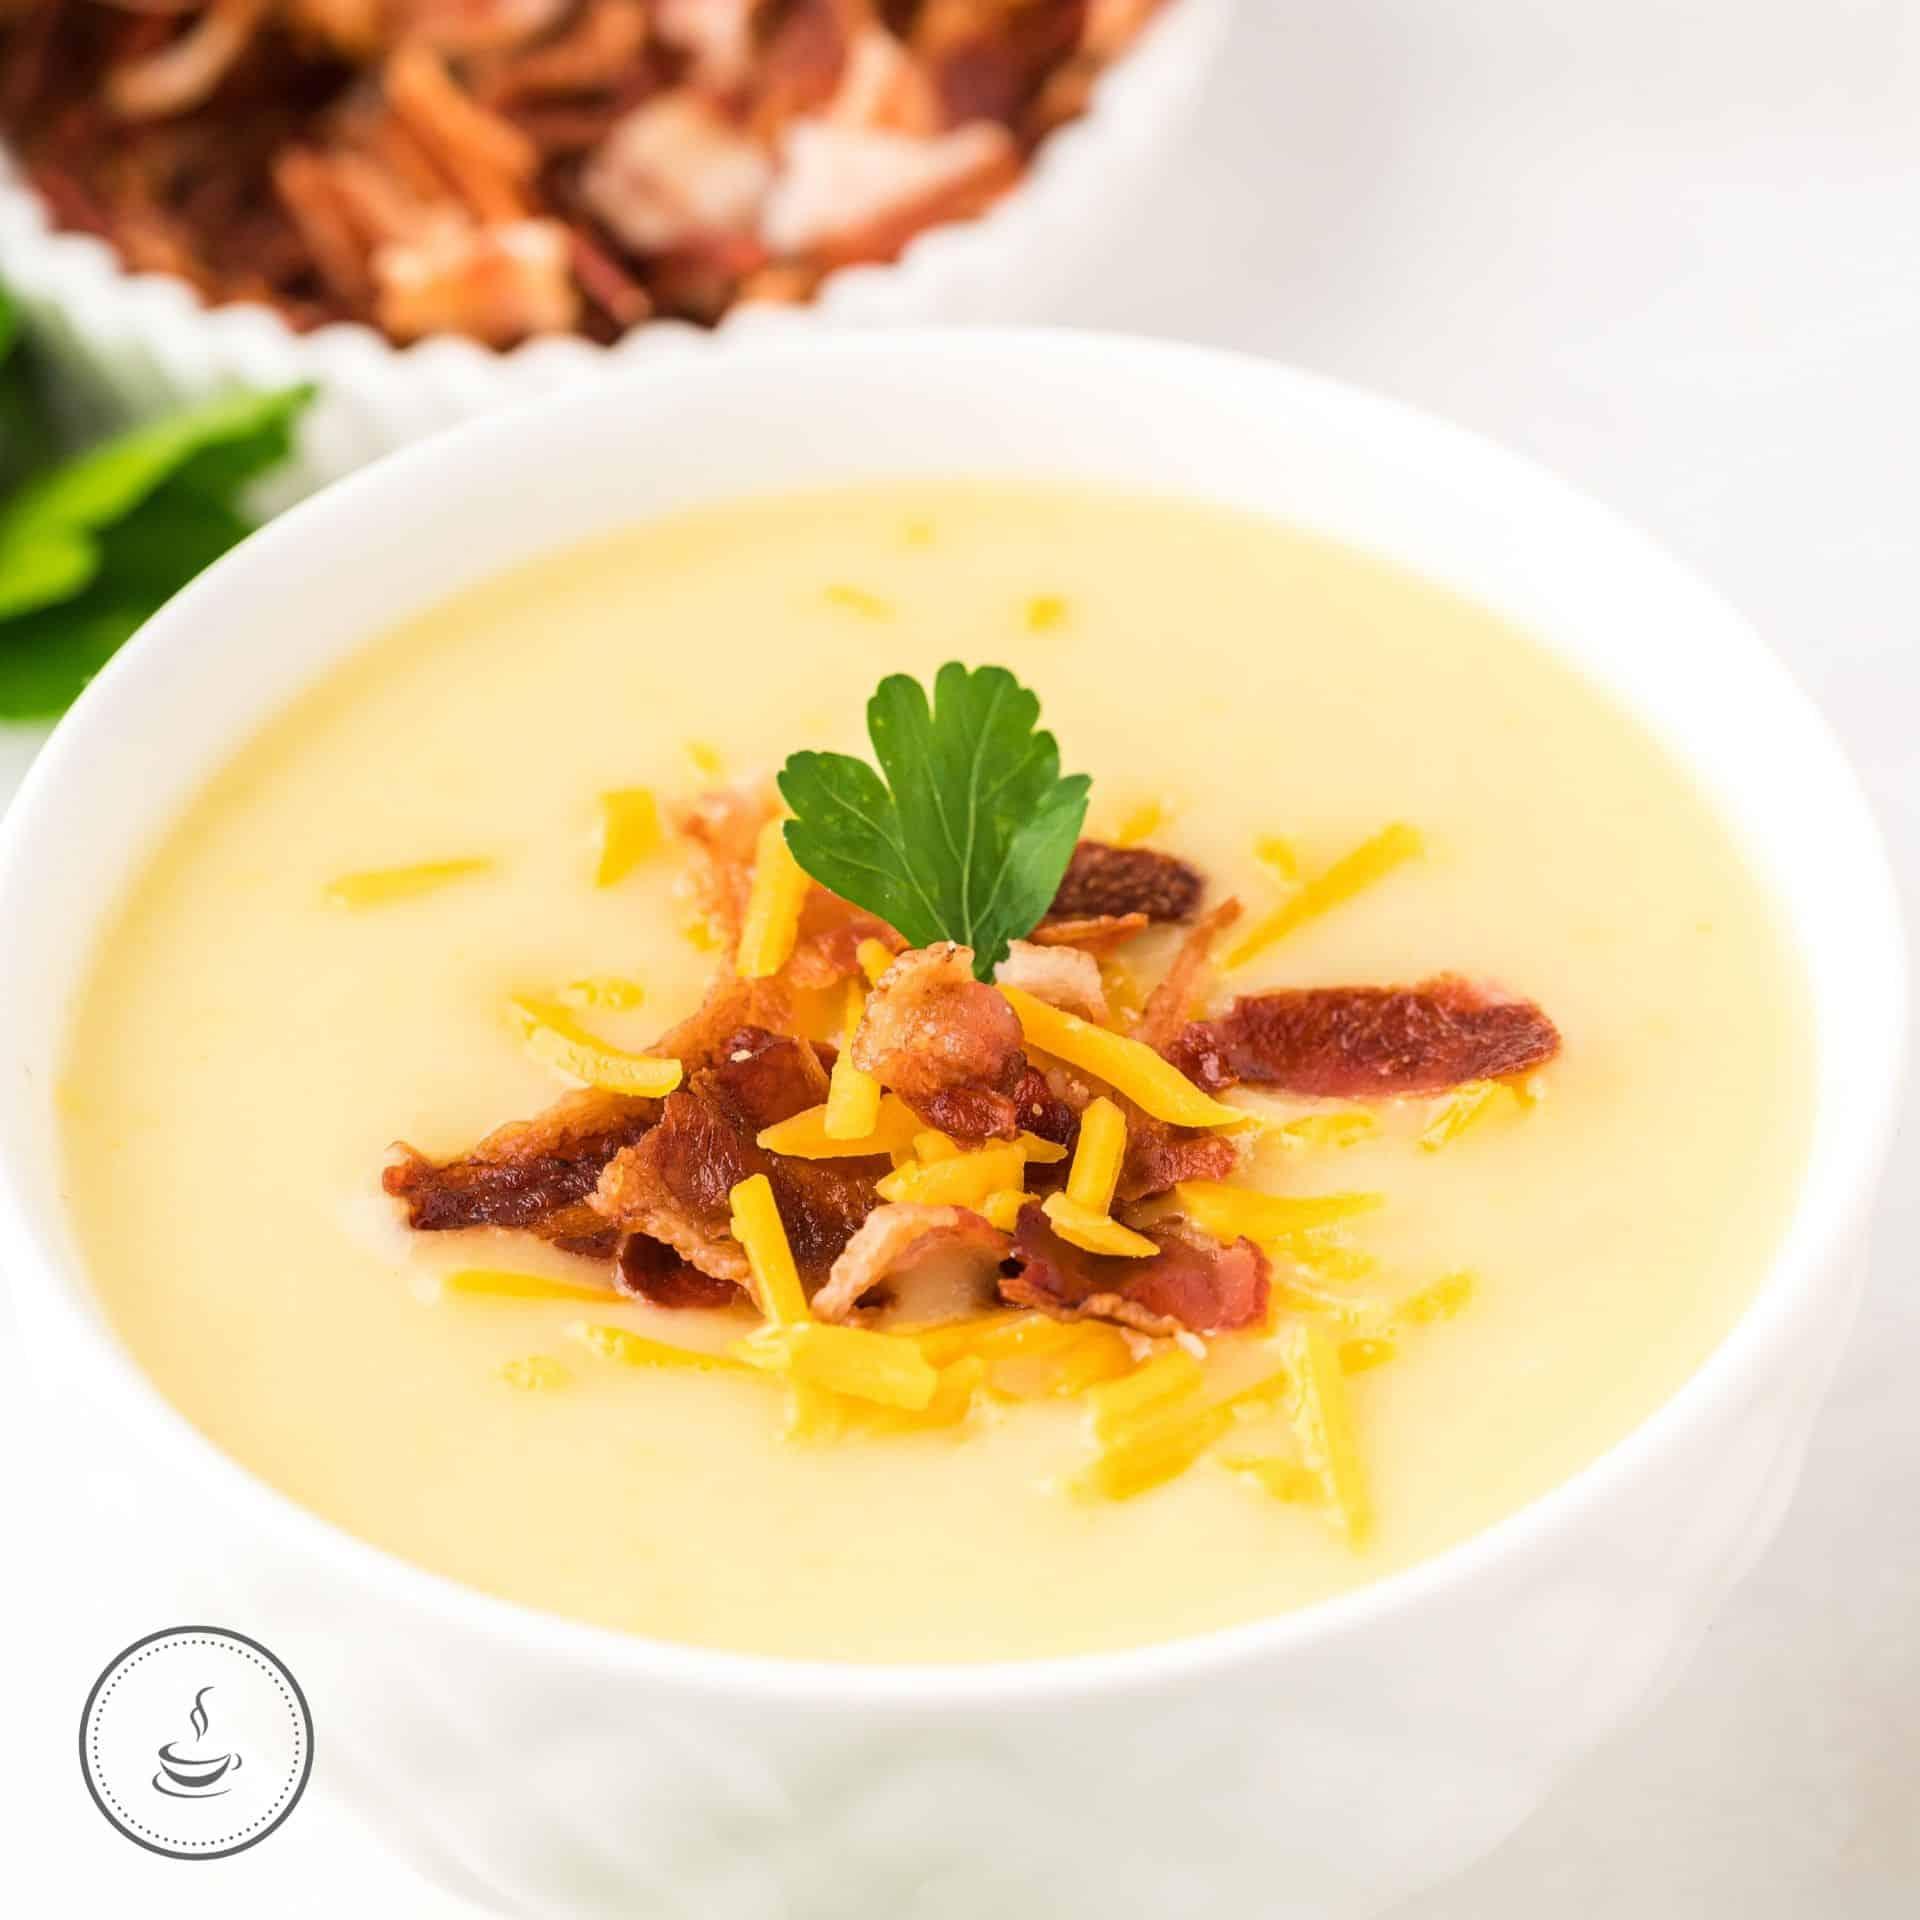 Kartoffel-Lauch-Suppe mit Bacon